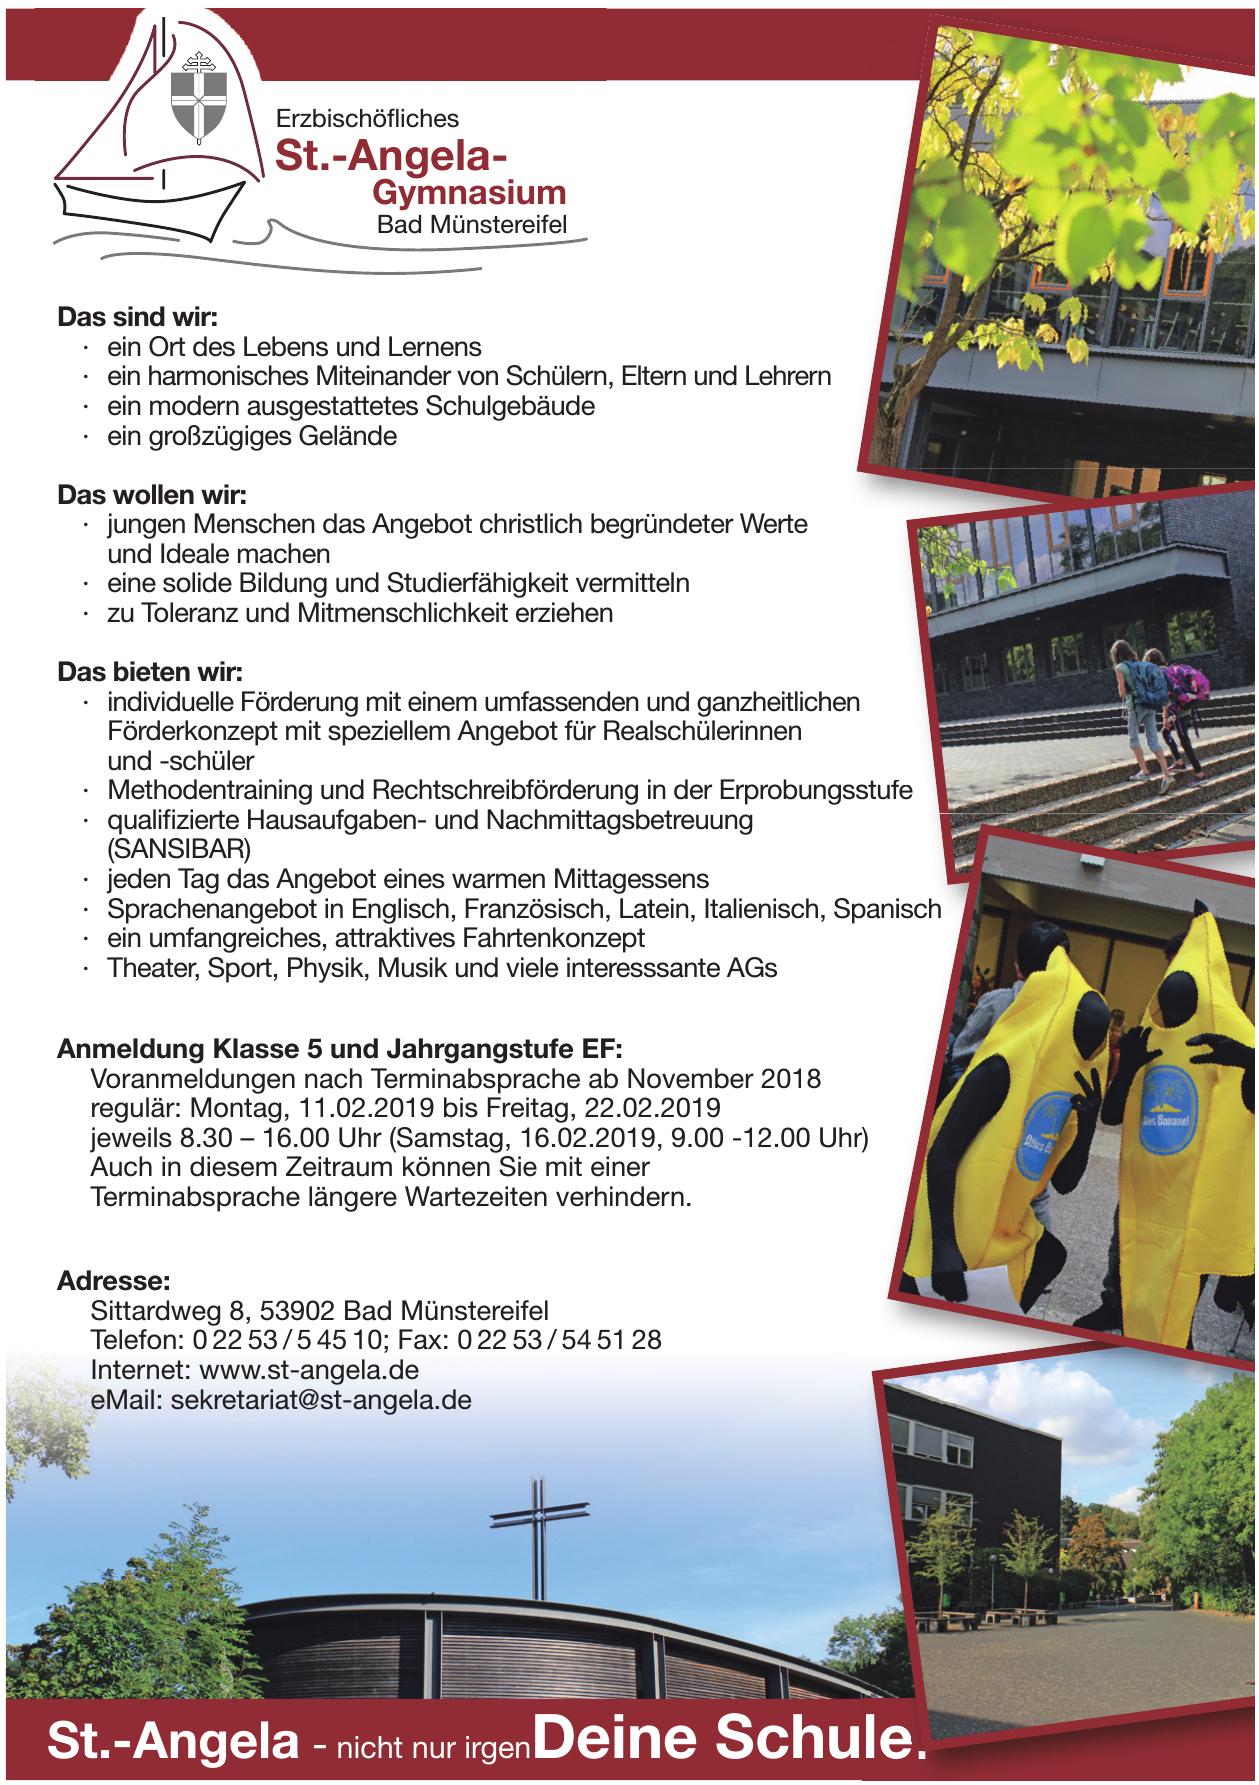 Erzbischöfliches St.-Angela-Gymnasium Bad Münstereifel